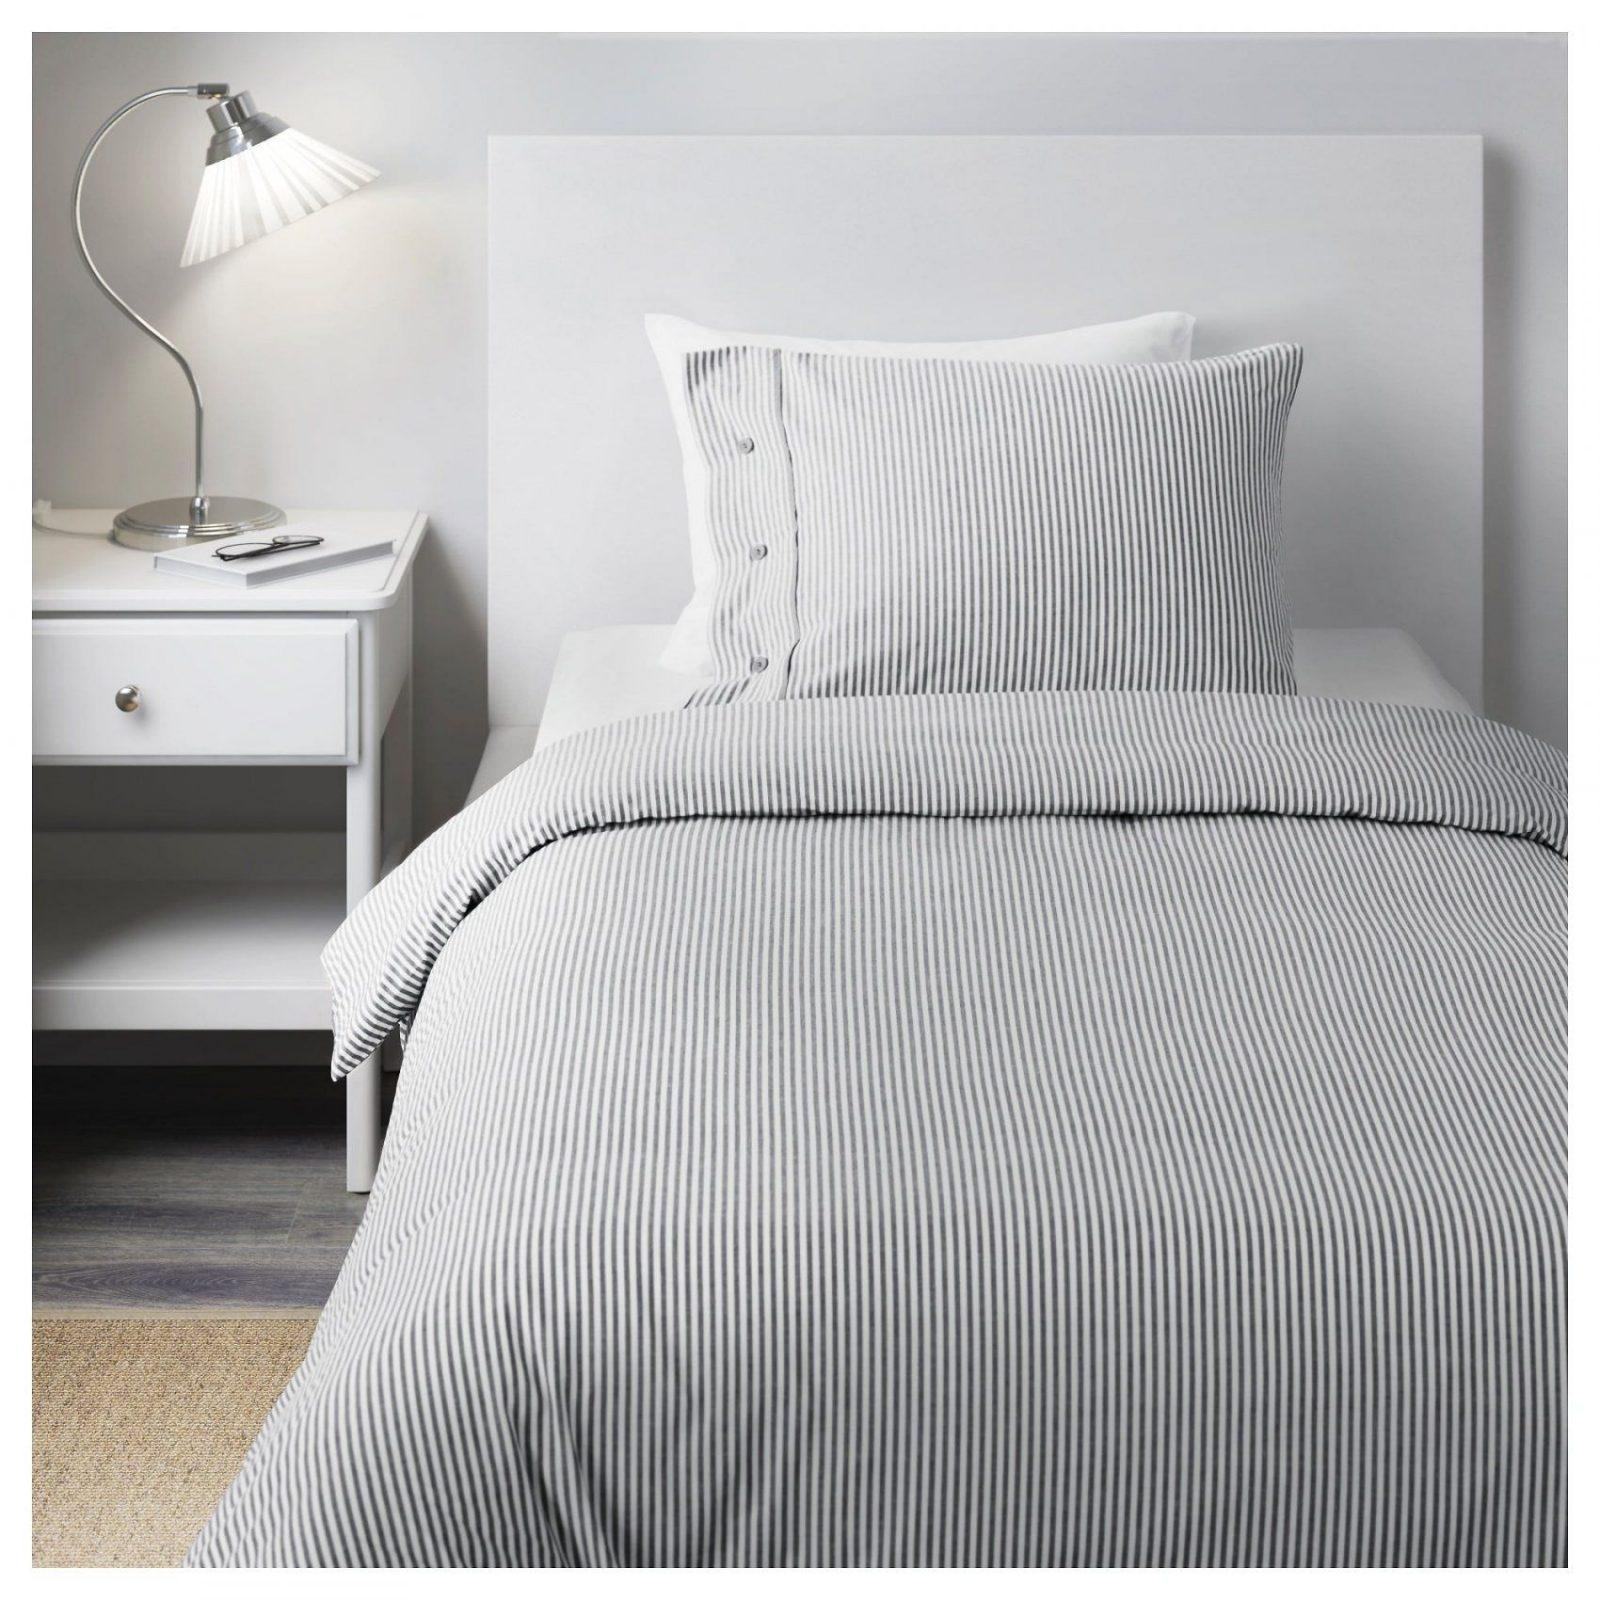 Nyponros Bettwäscheset 3Teilig  240X22080X80 Cm  Ikea von Bettwäsche 220X240 Ikea Bild